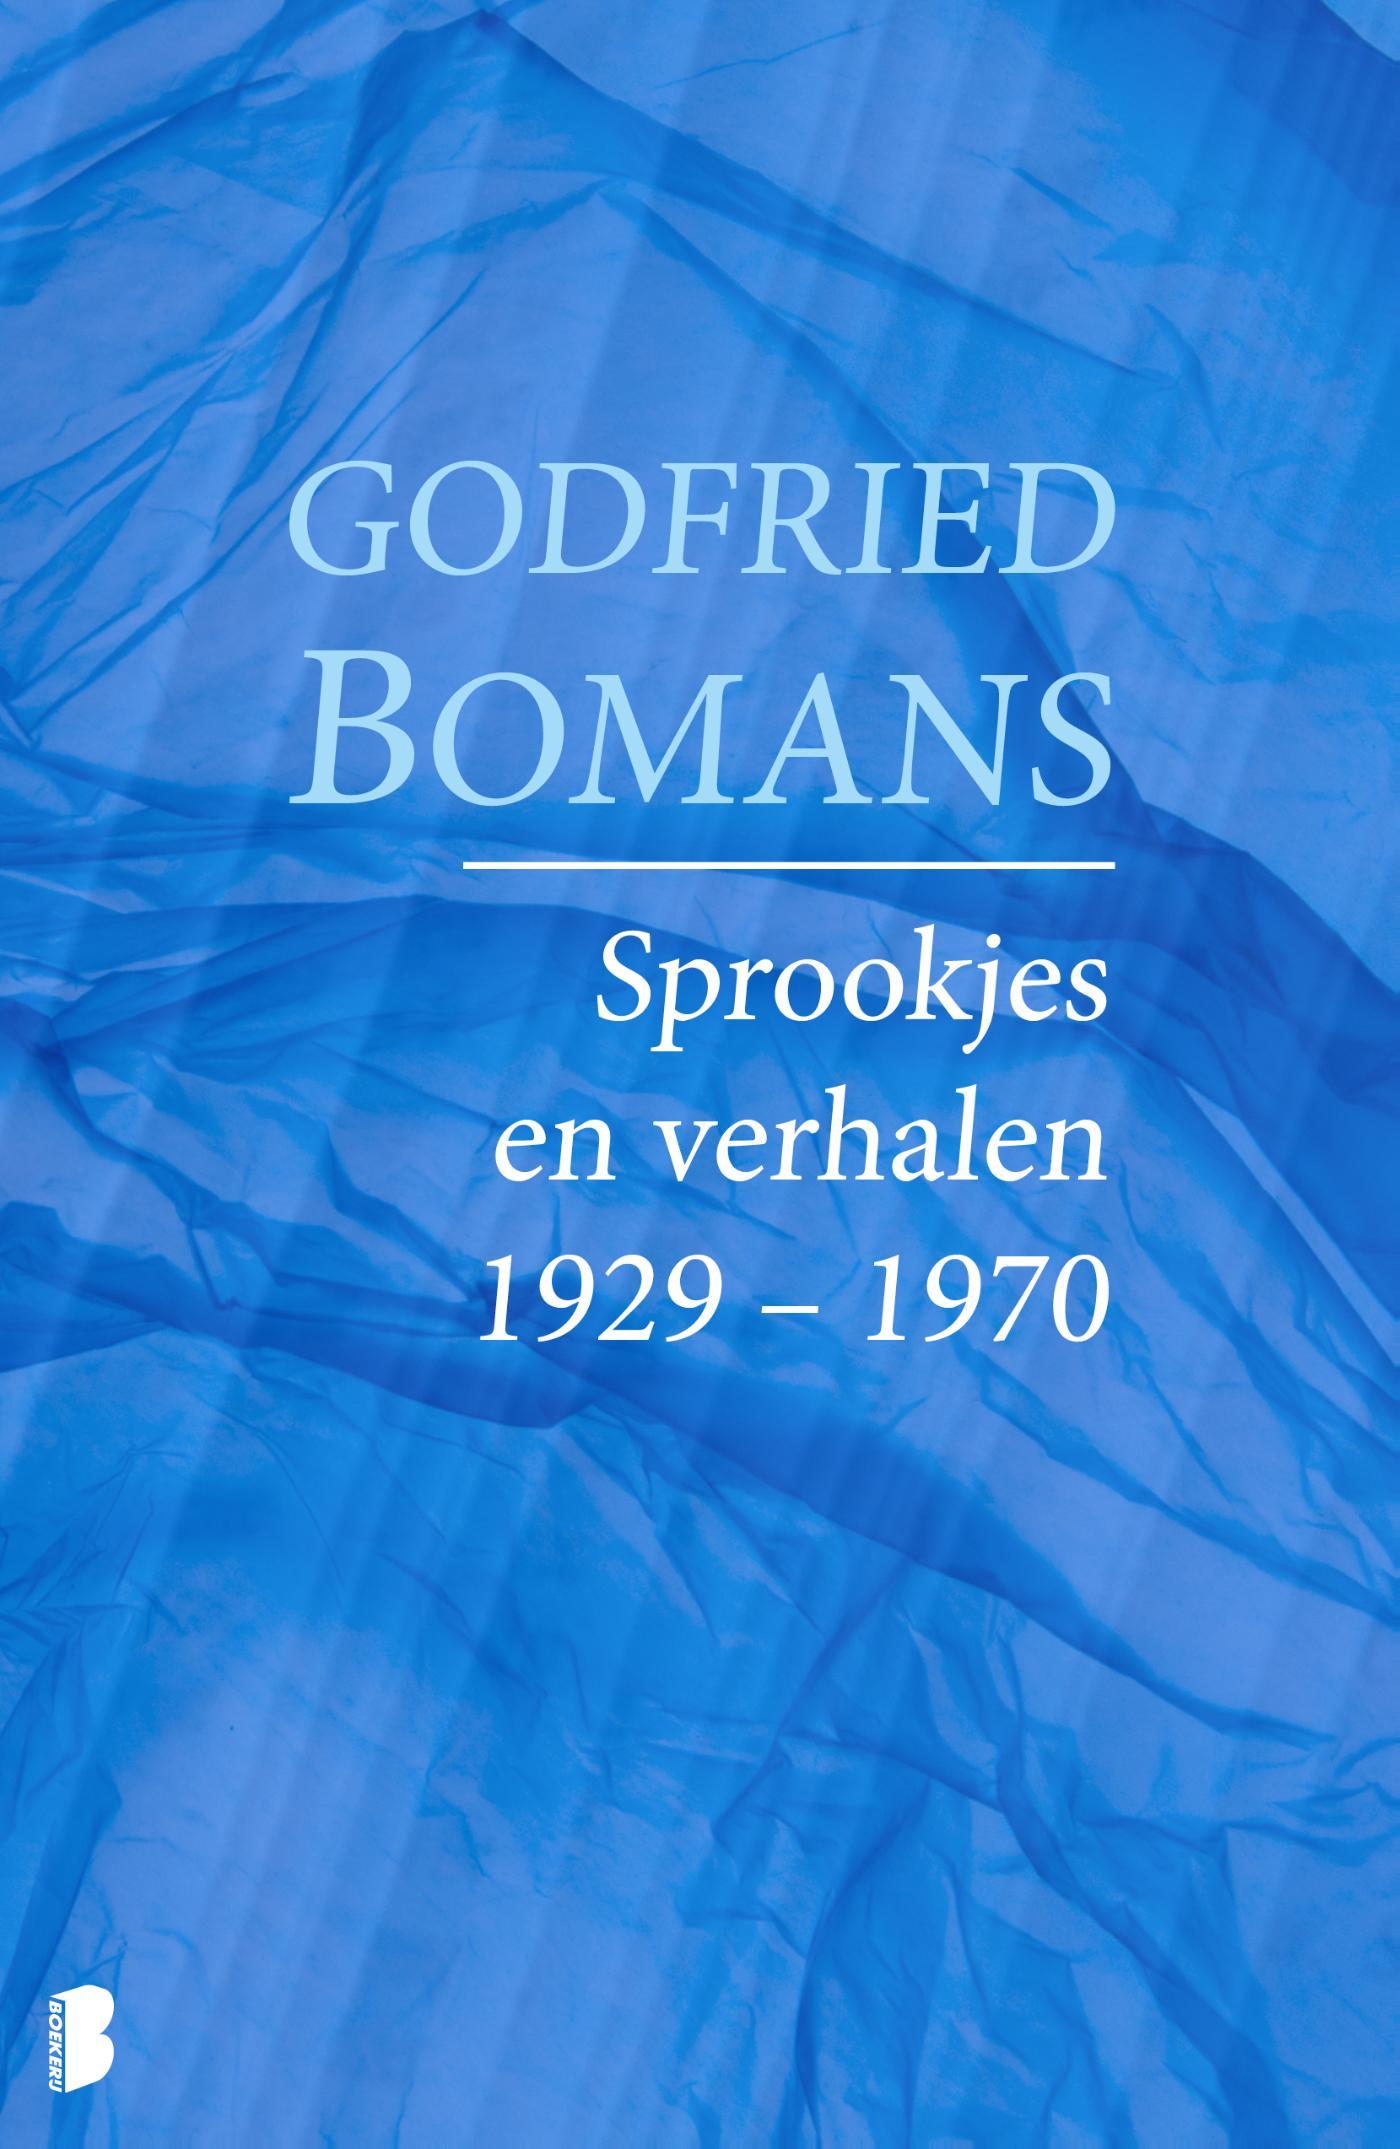 Sprookjes en andere verhalen 1929 - 1970